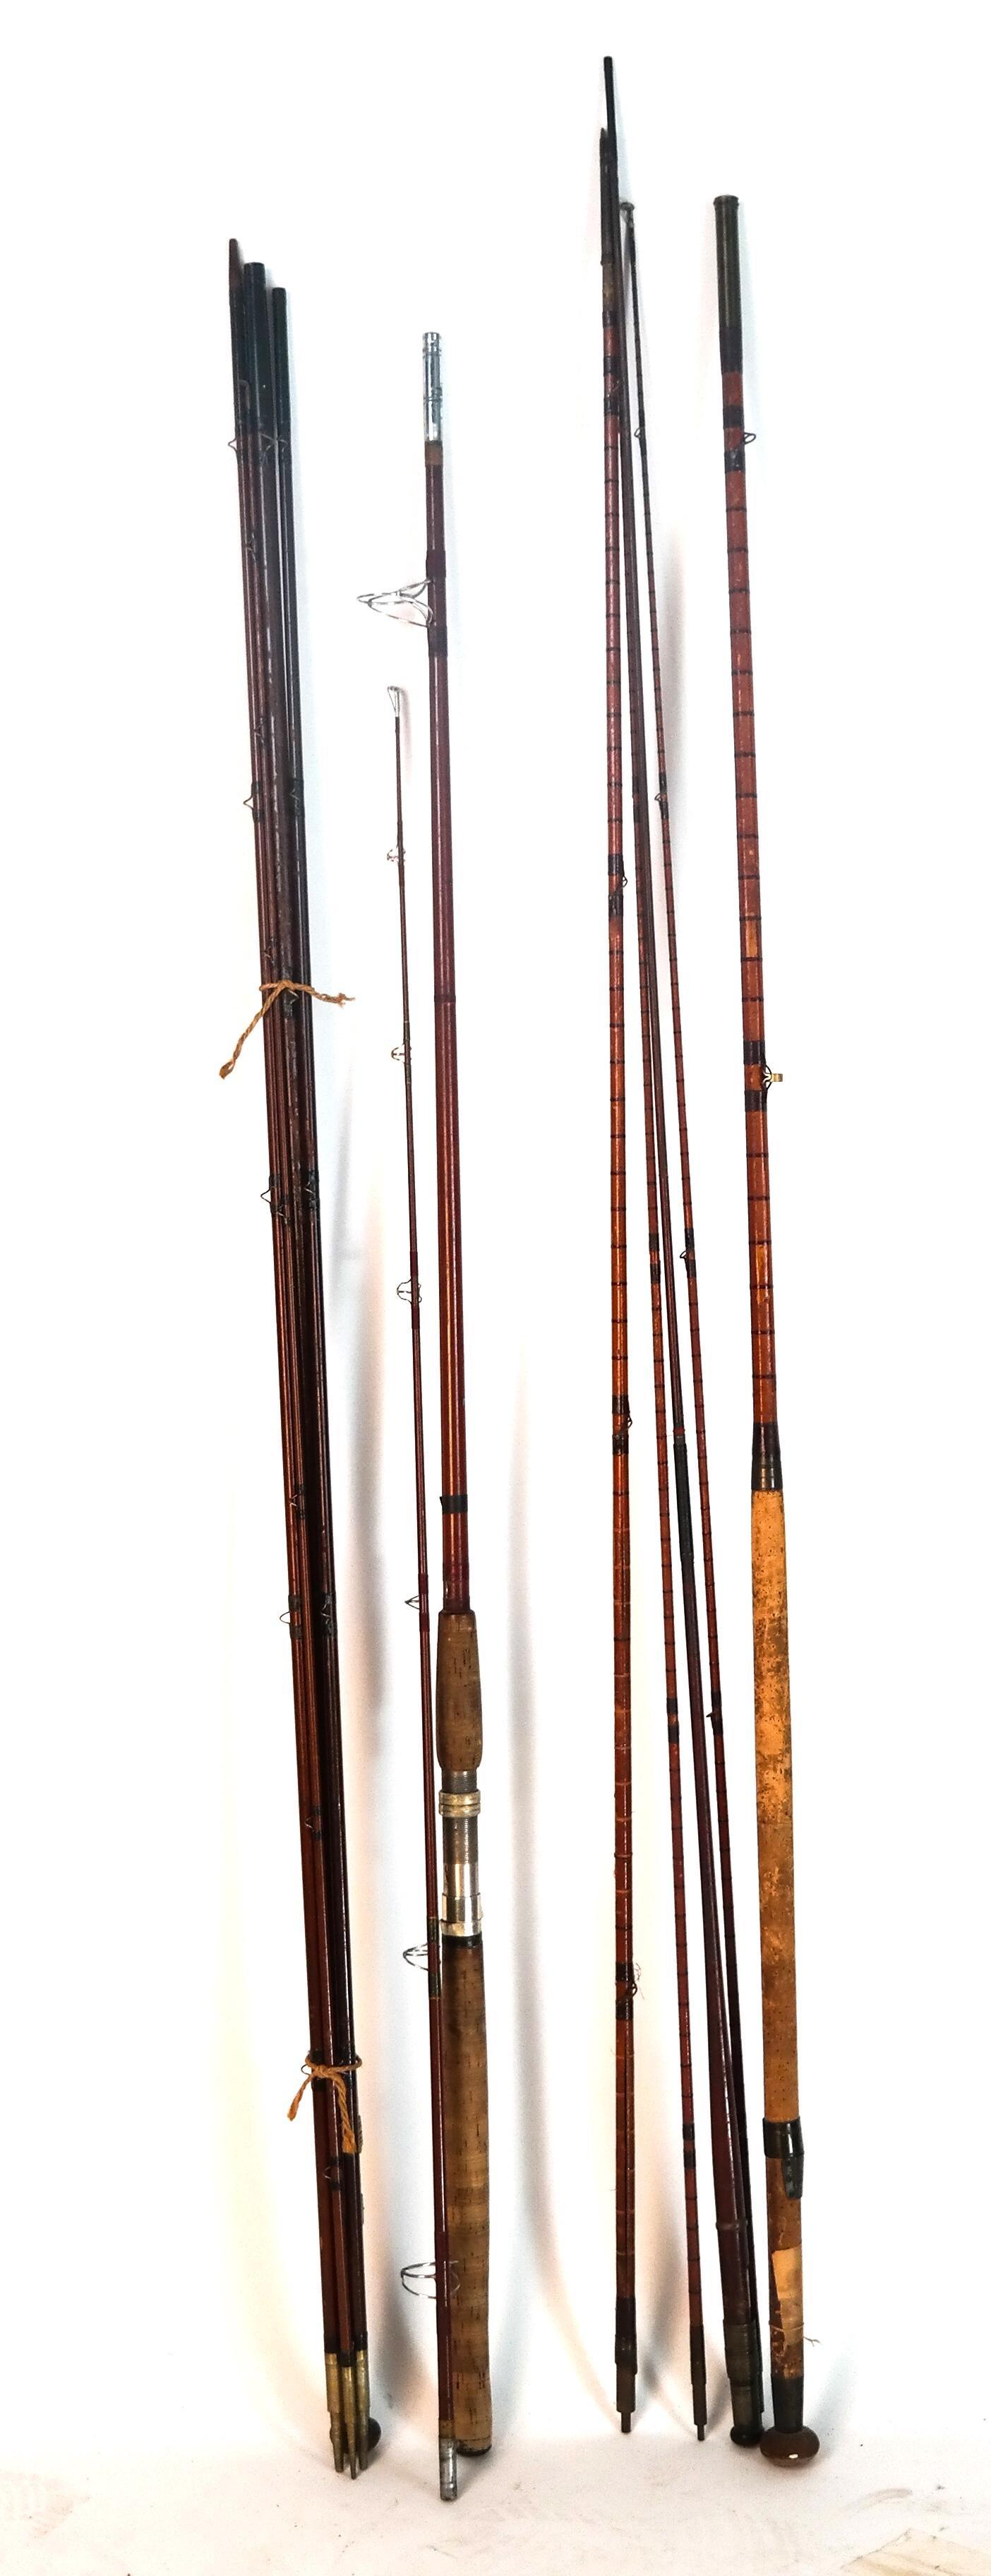 4 Sets Vintage Fishing Rods: Forrest, Silaflex, Hardy